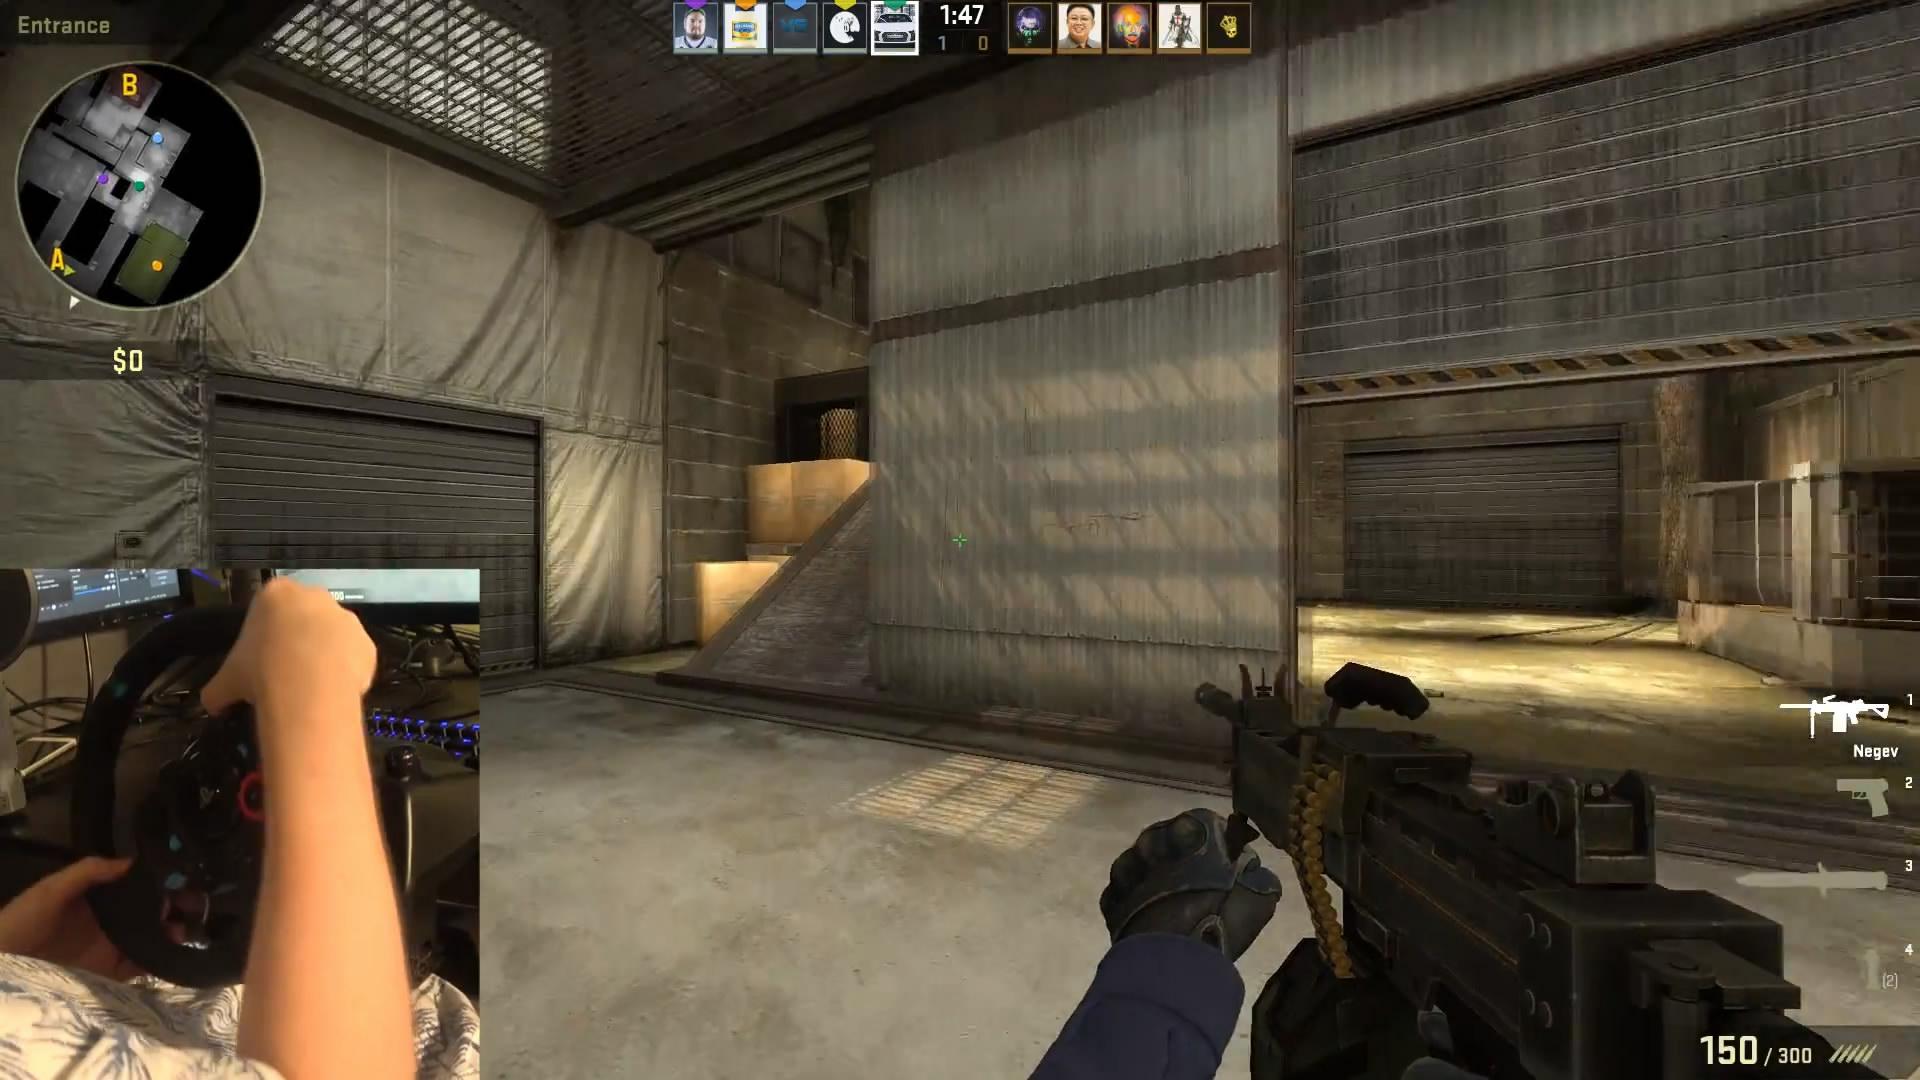 方向盘也可以玩《CS:GO》 国外玩家实验各种奇葩控制器